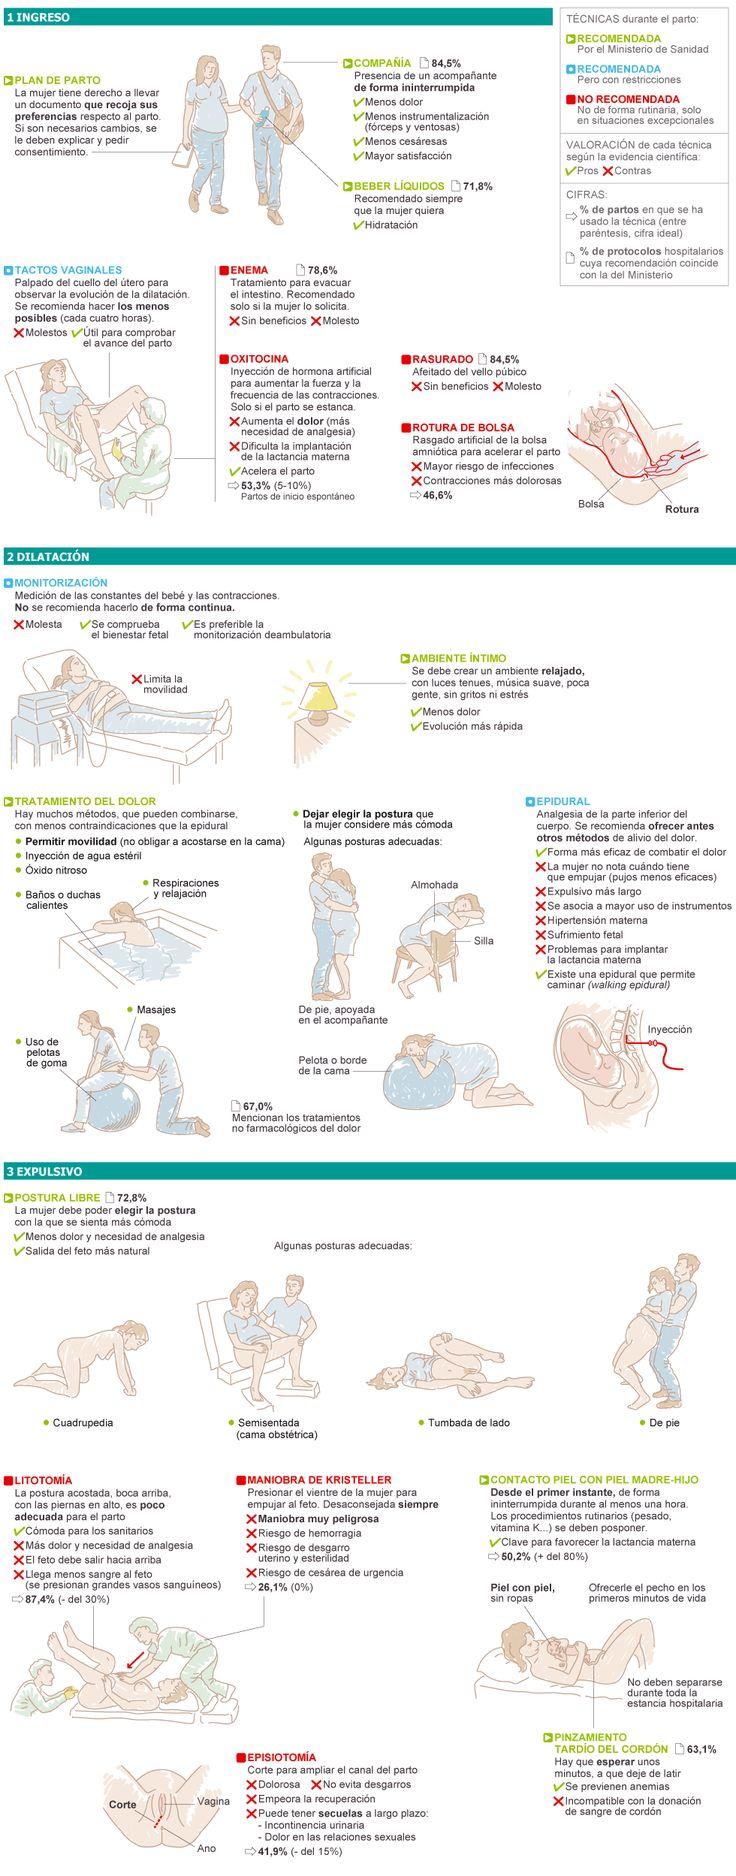 Indicaciones del Ministerio de Sanidad y de la Organización Mundial de la Salud sobre un parto normal. Muchas técnicas muy extendidas en los paritorios de España no están recomendadas por sus efectos adversos o por ser incómodas para la mujer y no aportar ningún beneficio.